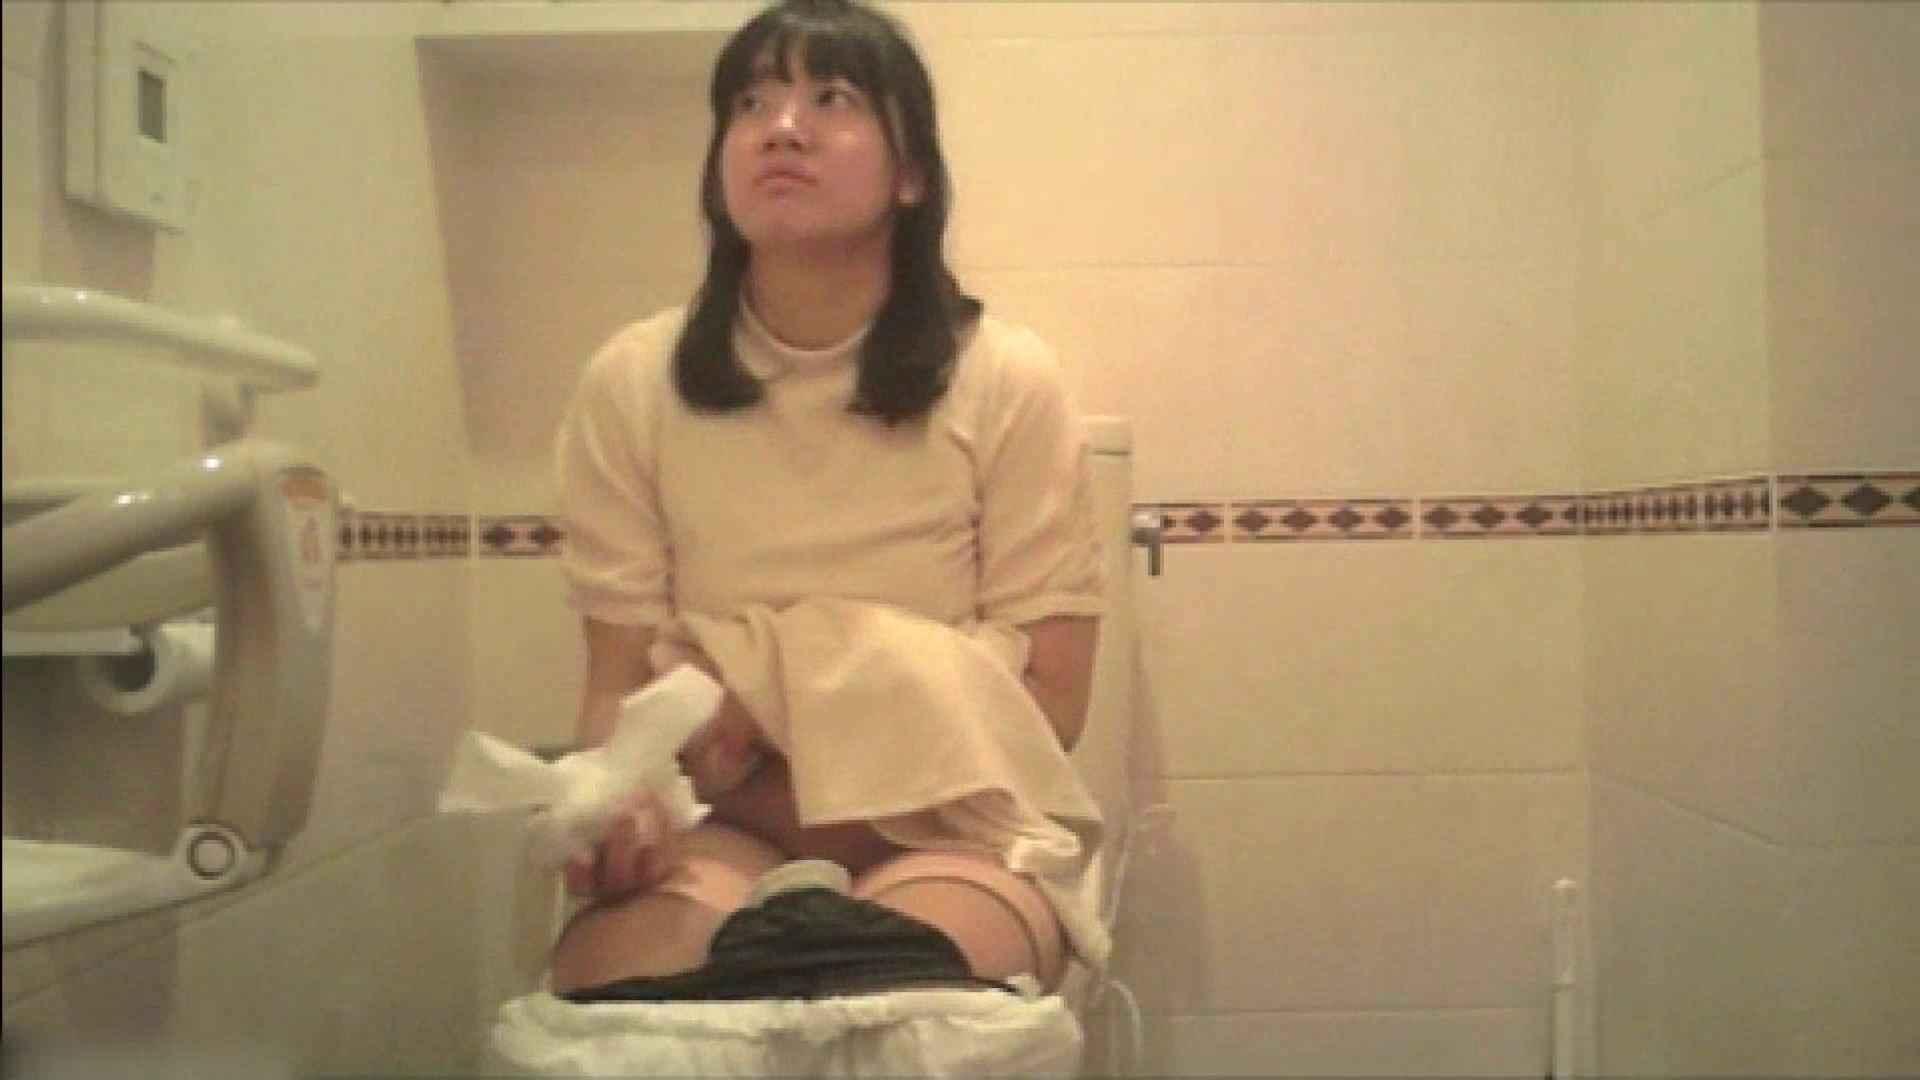 実録!!綺麗なお姉さんのトイレ事情・・・。vol.18 OLの実態 | お姉さん  70pic 25